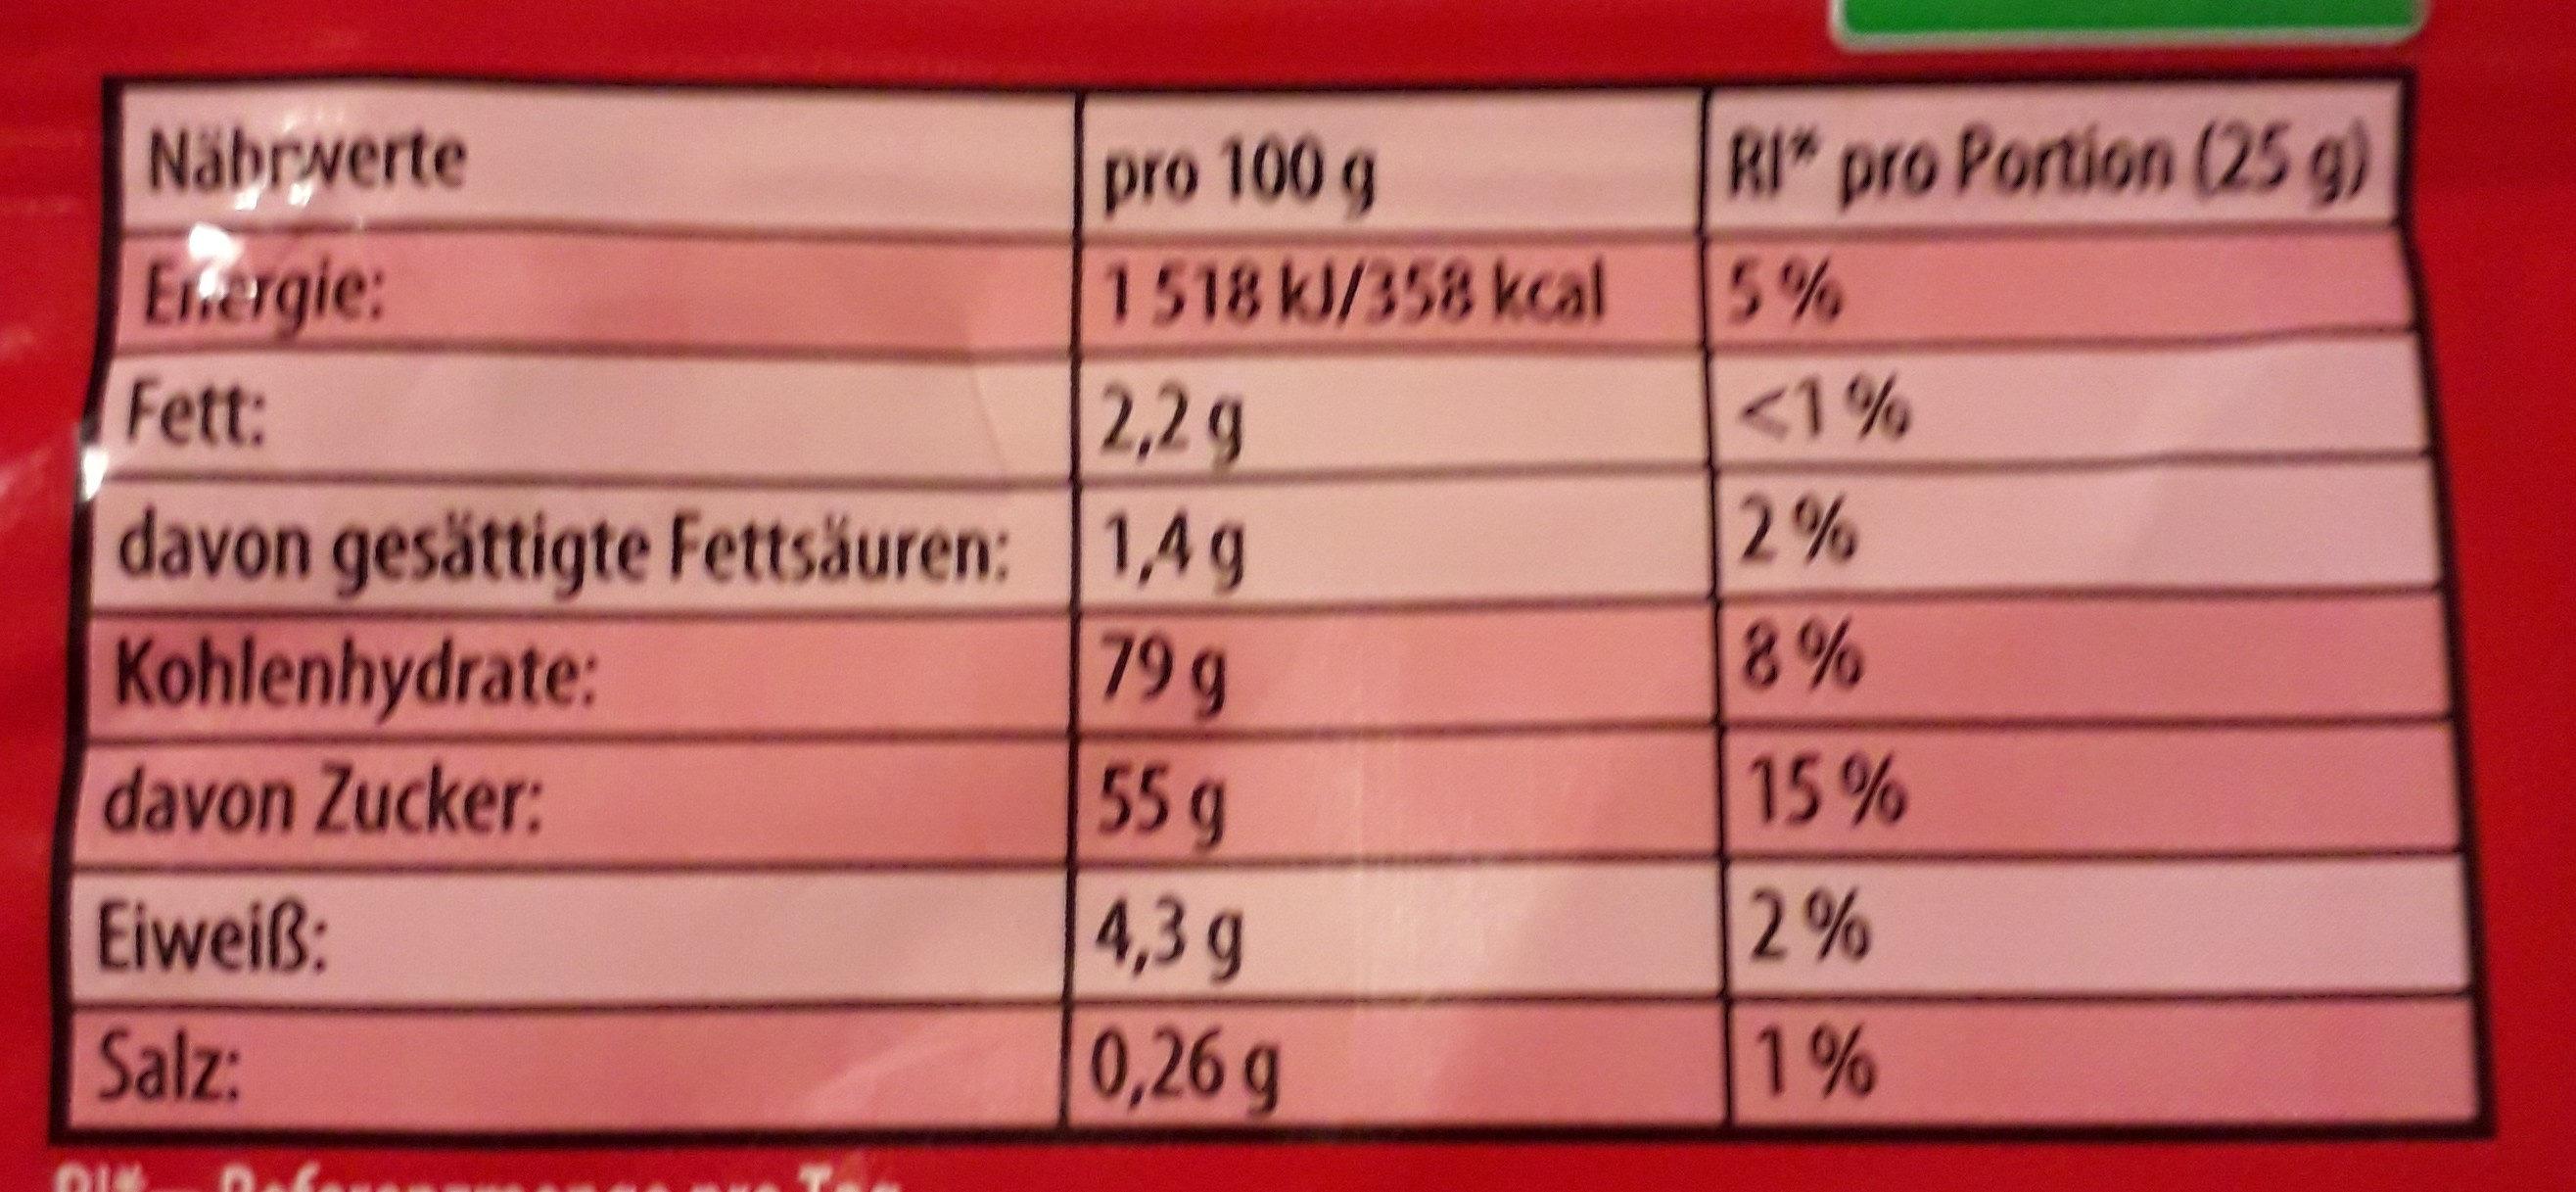 Color-Rado - Informations nutritionnelles